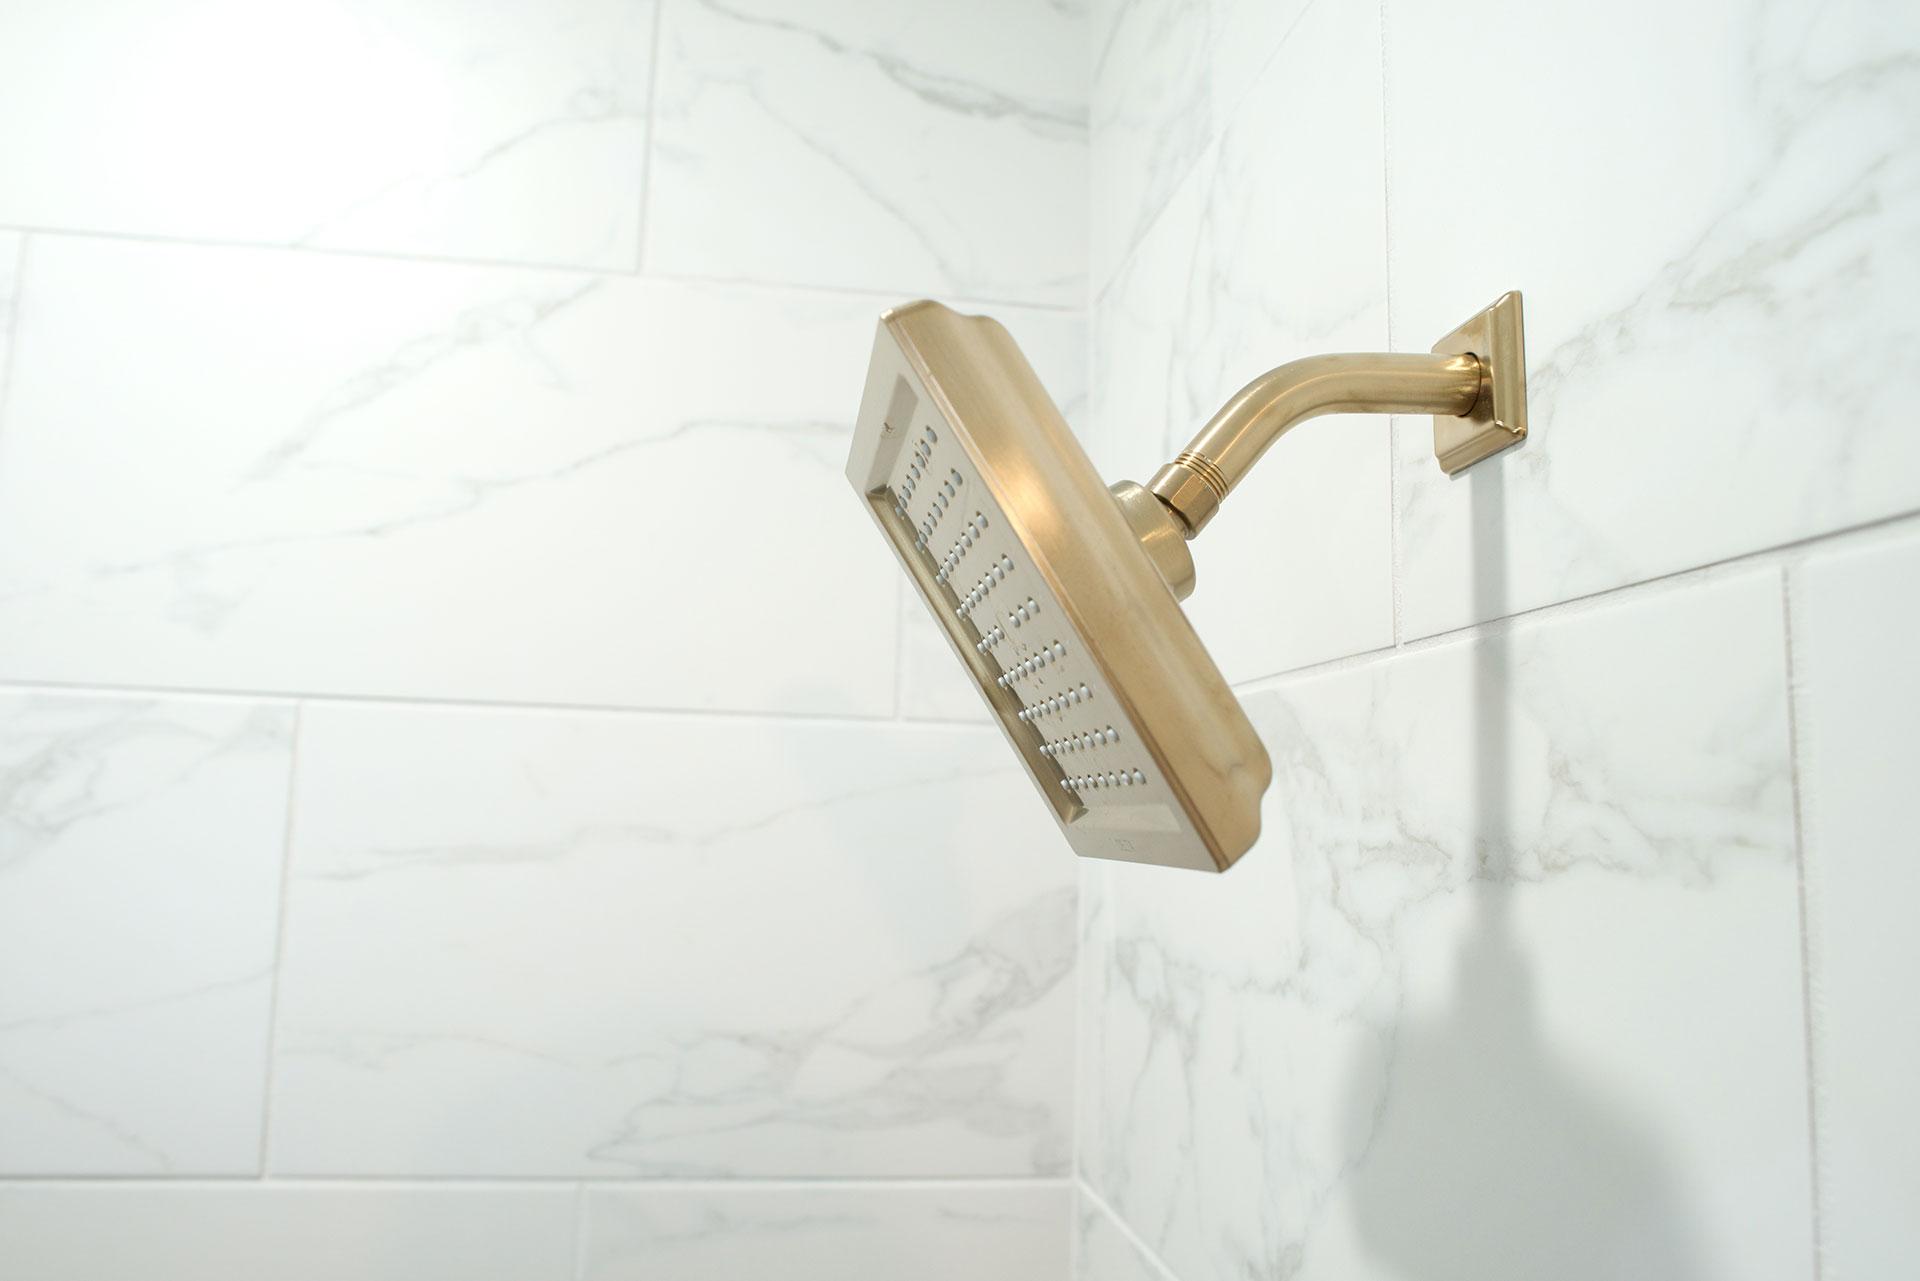 Shower head in Basement finish